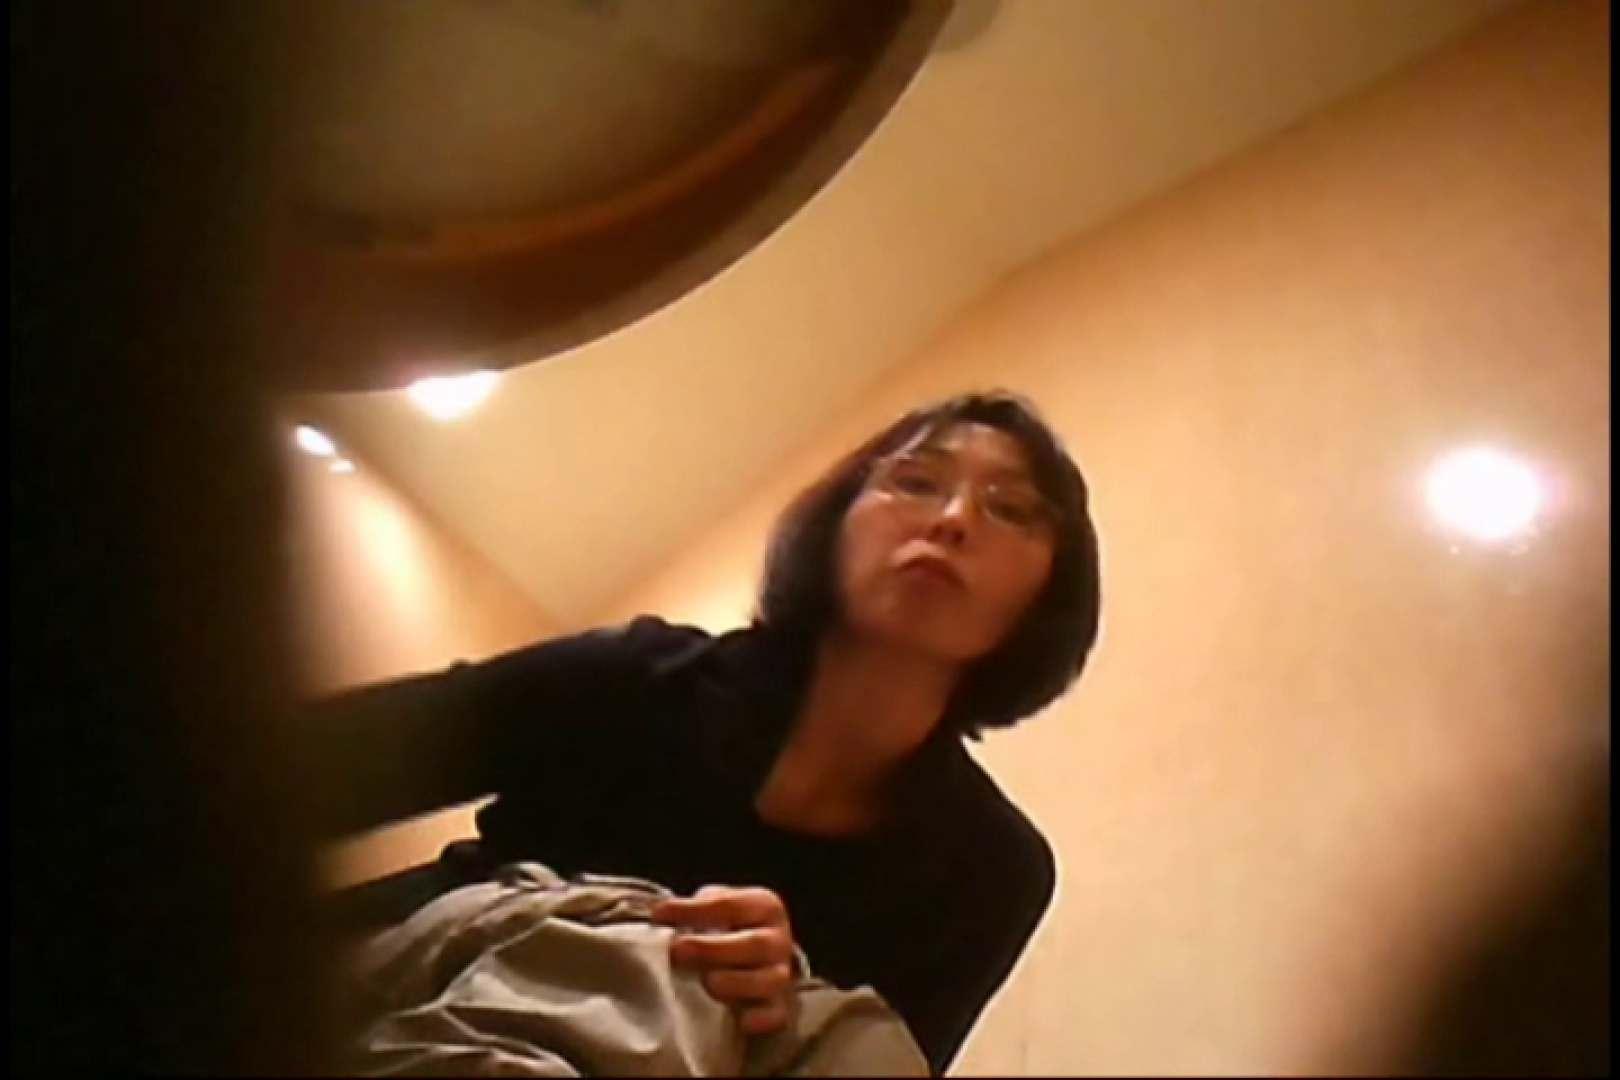 潜入!!女子化粧室盗撮~絶対見られたくない時間~vo,128 潜入 隠し撮りセックス画像 87連発 54